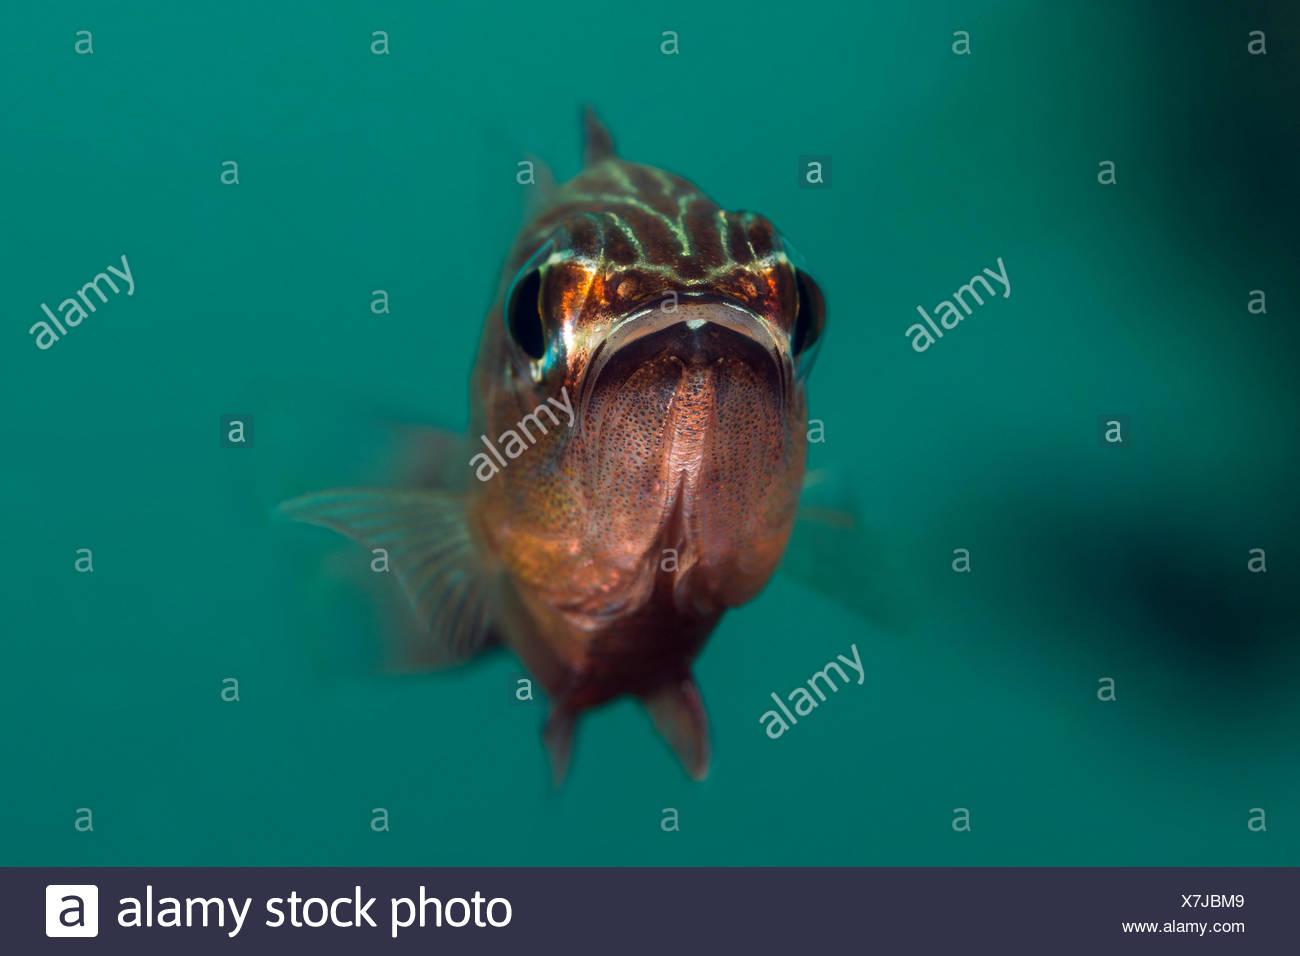 Cardinalfish, Apogon sp., Sumbawa, Indonesia - Stock Image